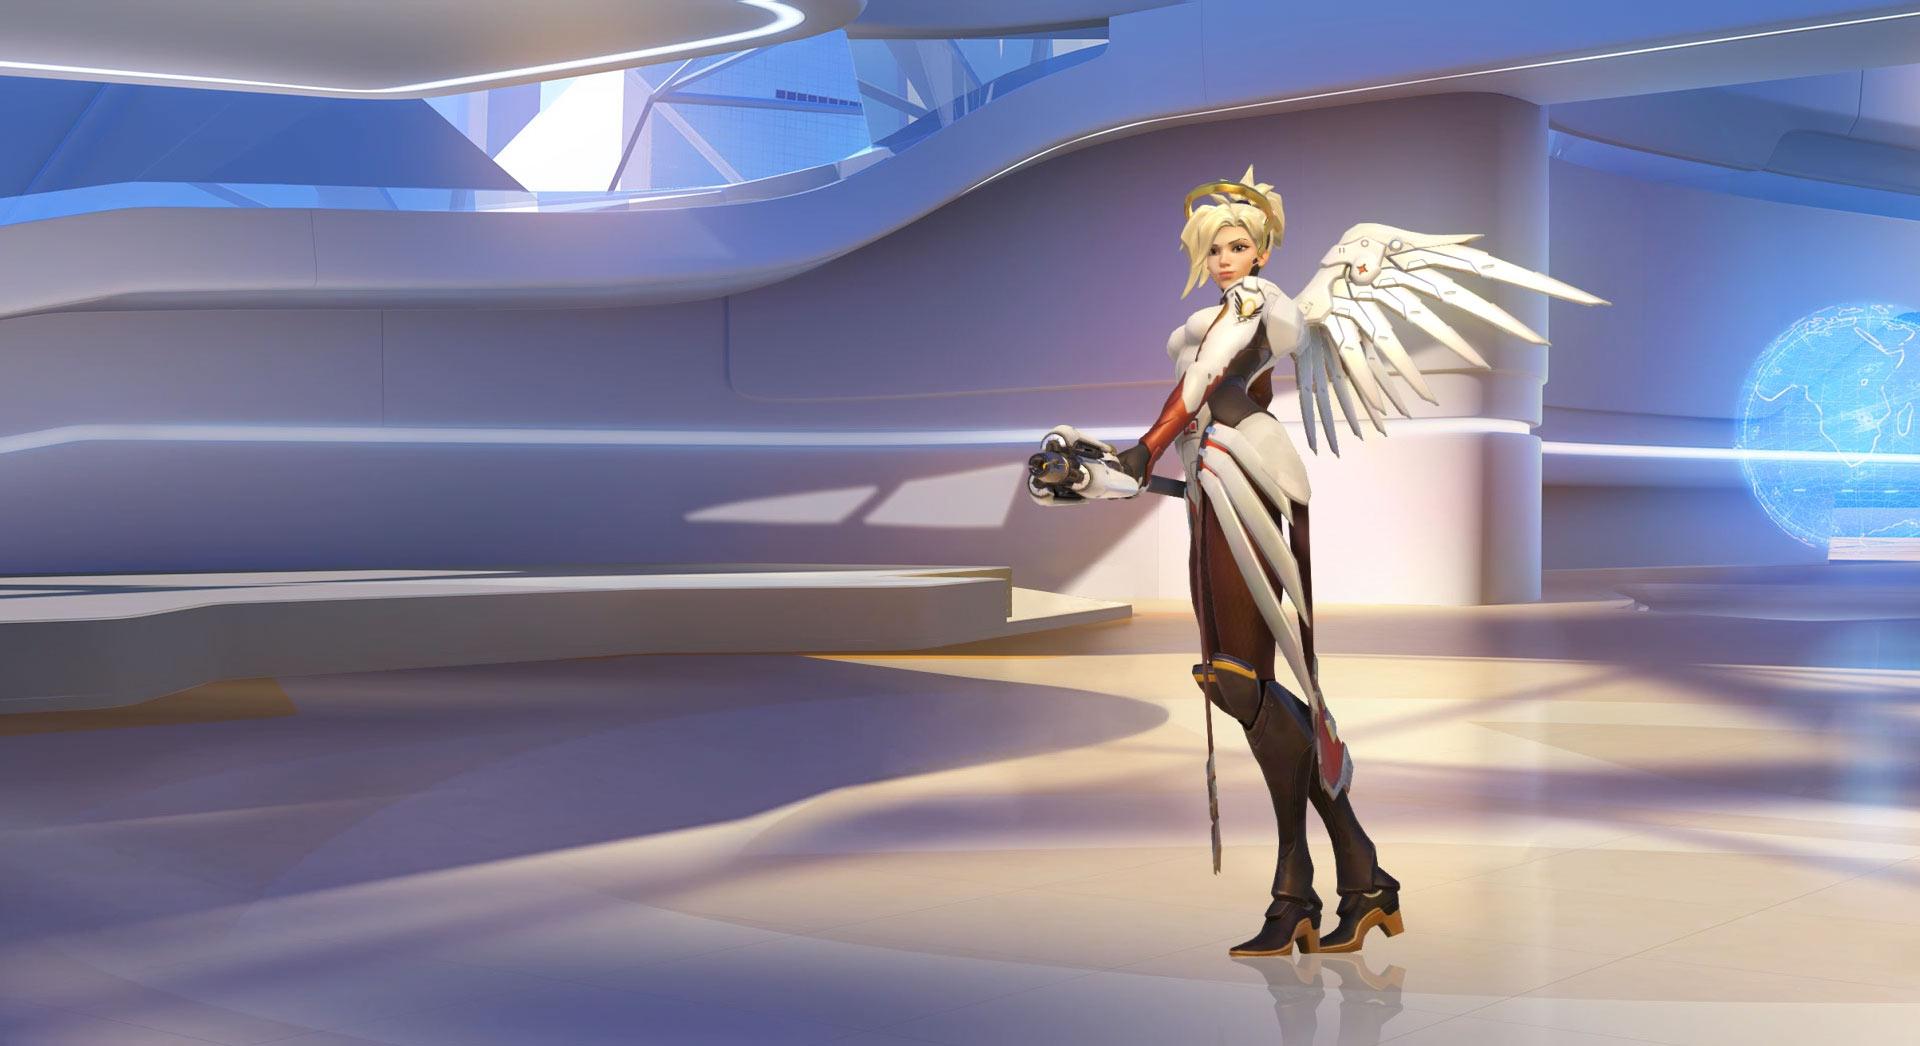 Overwatch : Mercy Wallpaper